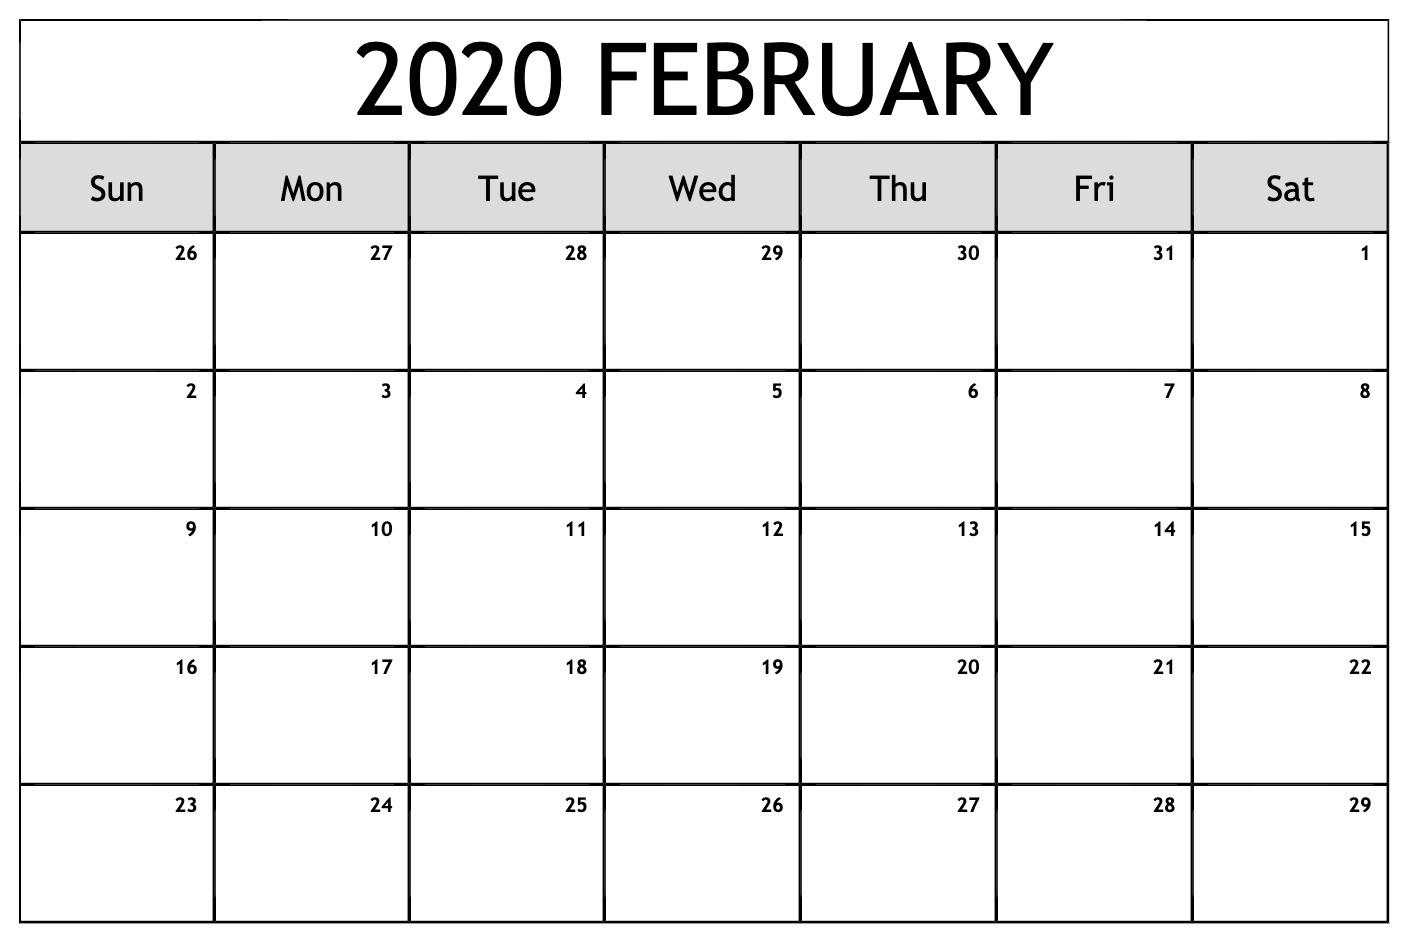 2020 February Calendar Printable PDF